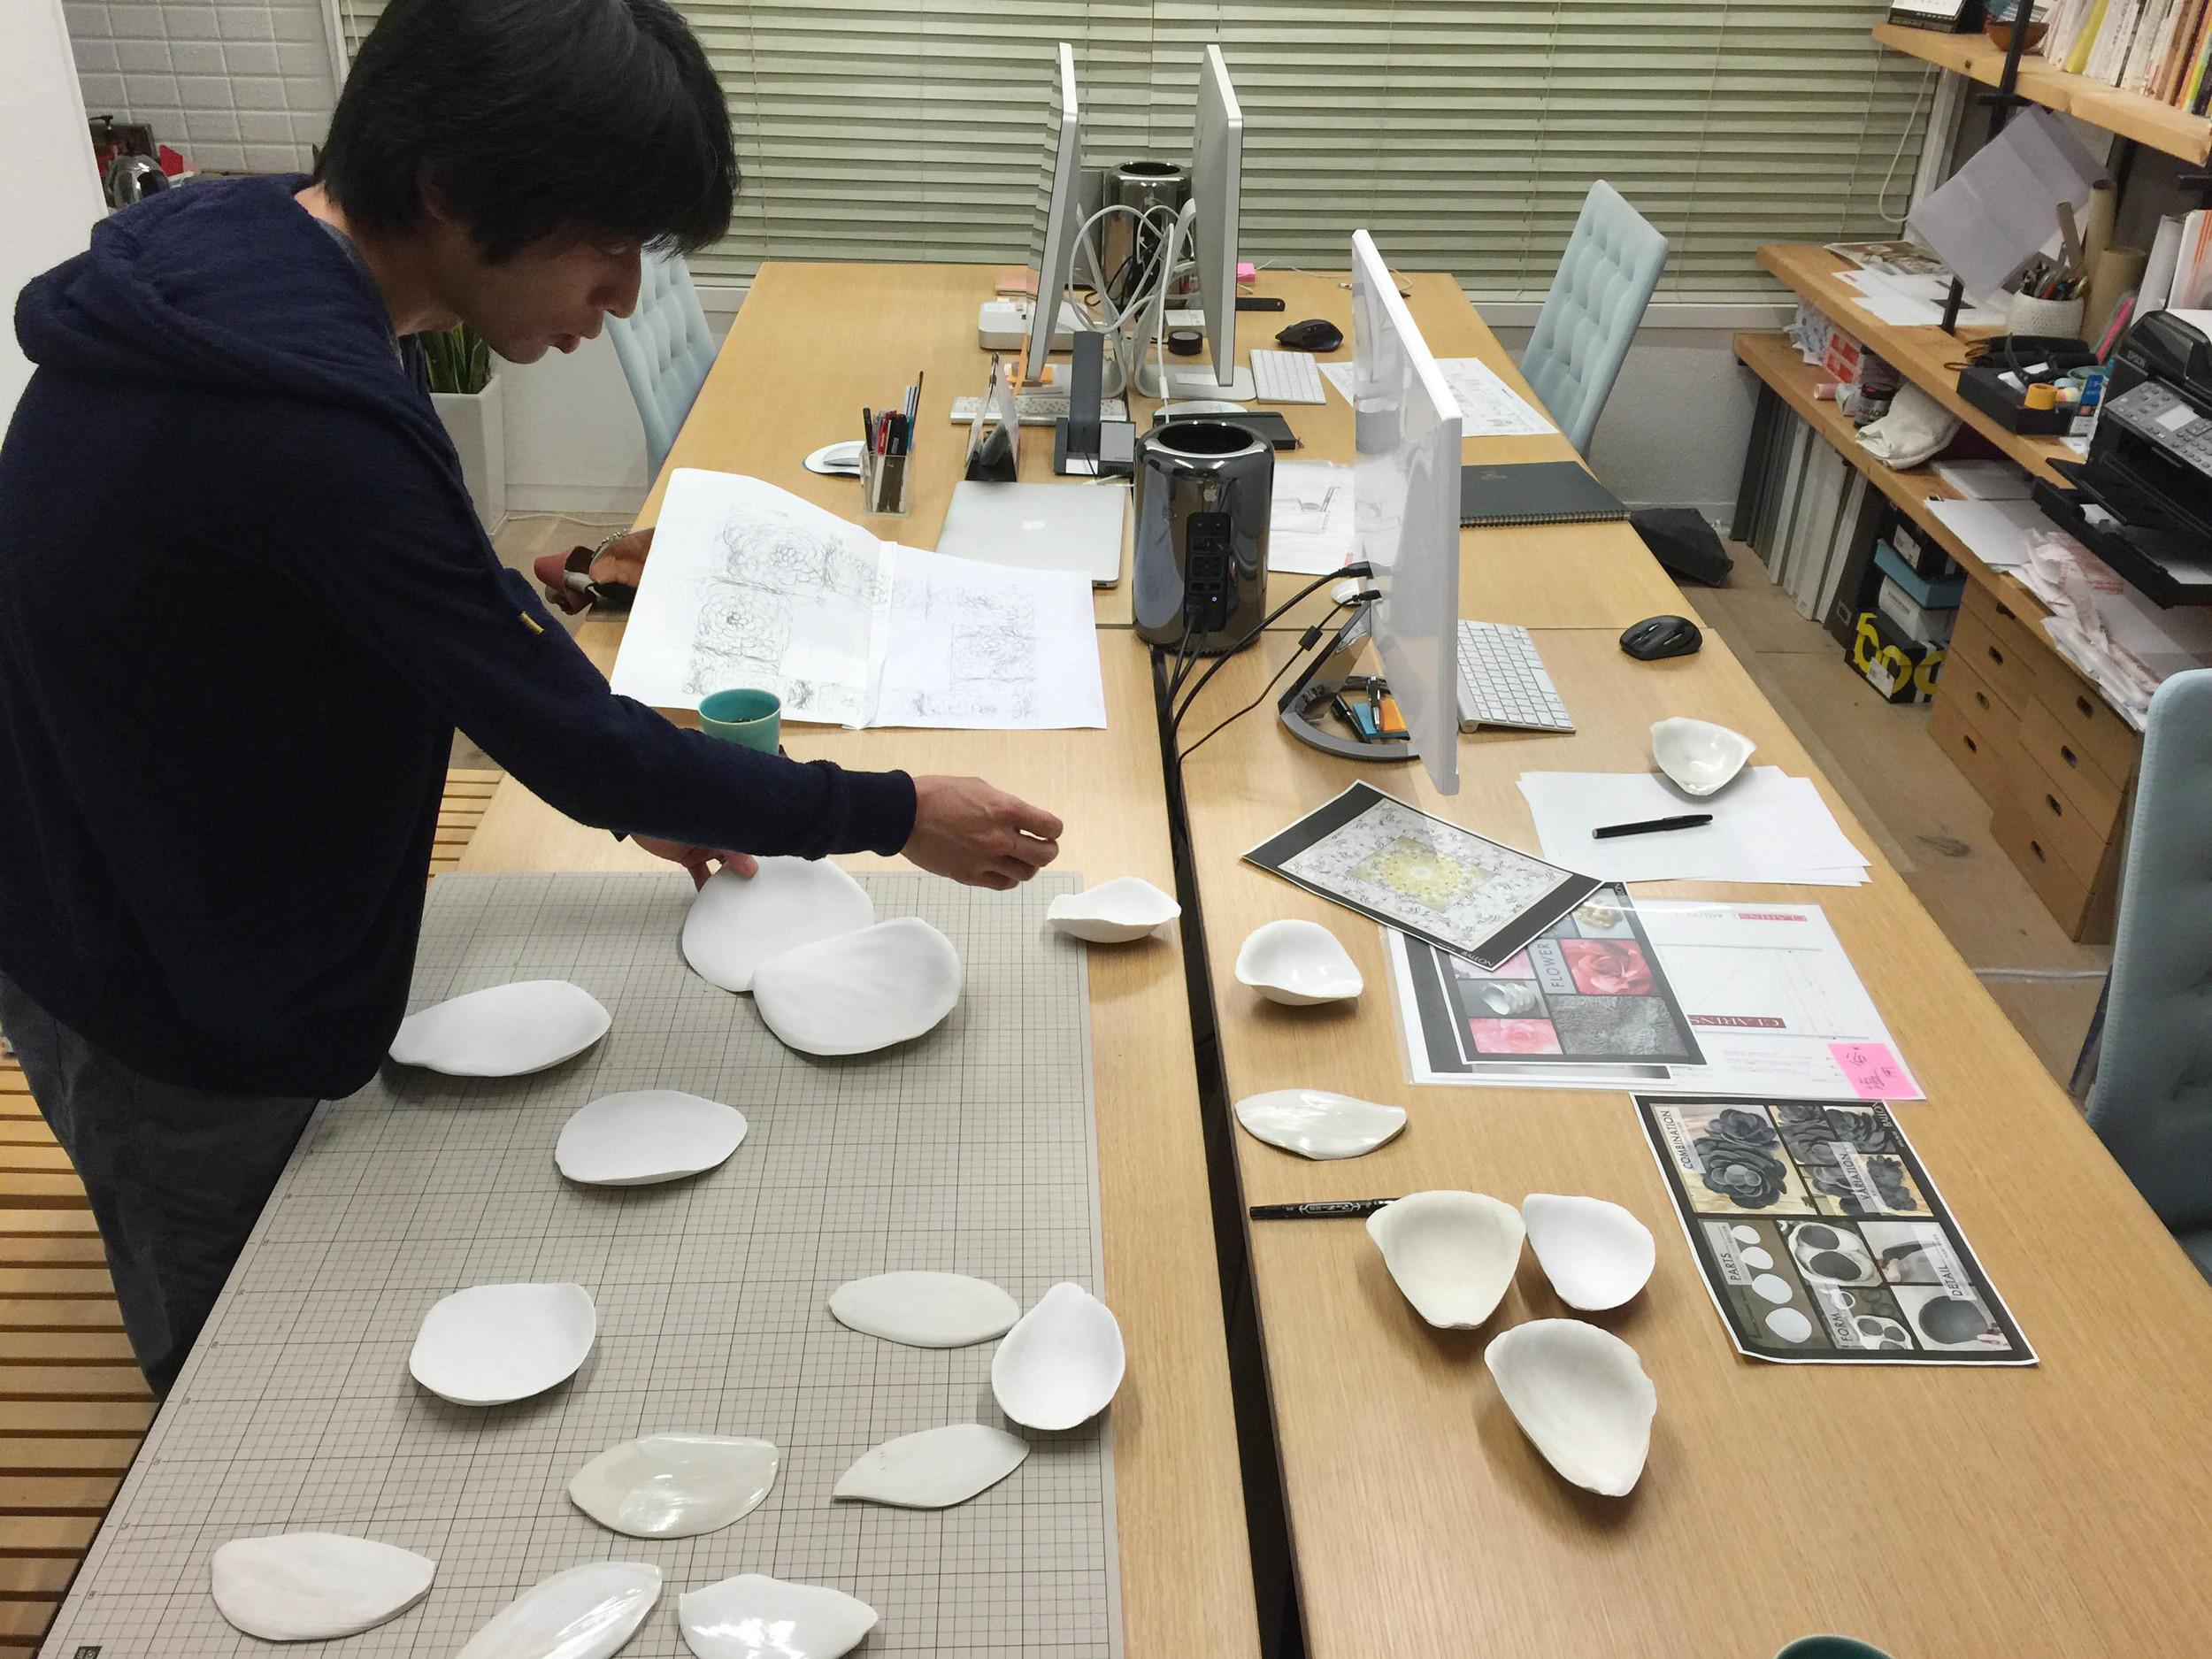 陶芸作家:塩谷良太さんと共同でプロジェクトを進めています。